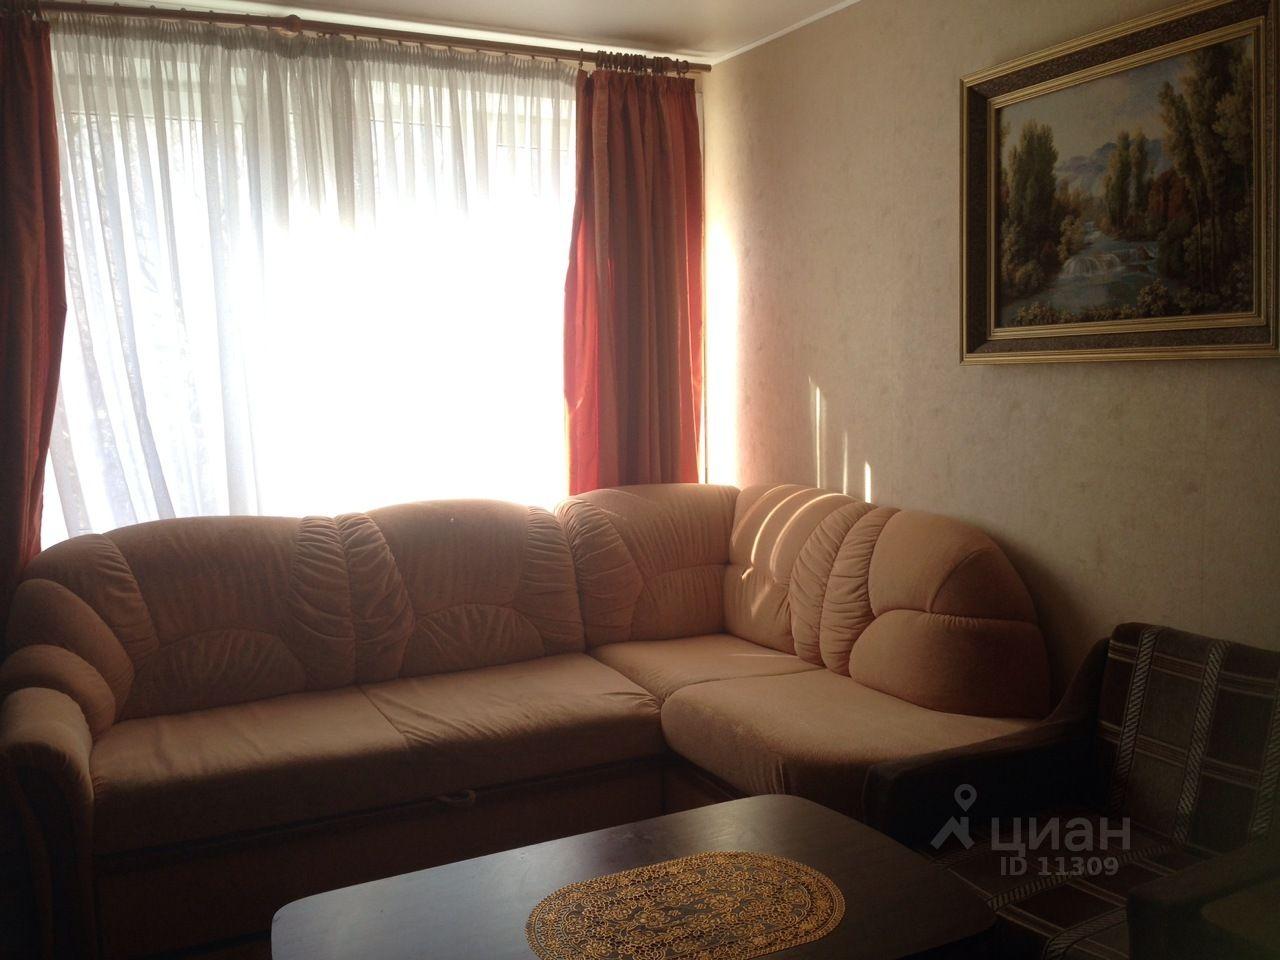 продается трехкомнатная квартира город Москва, метро Дмитровская, Башиловская улица, д. 23К2